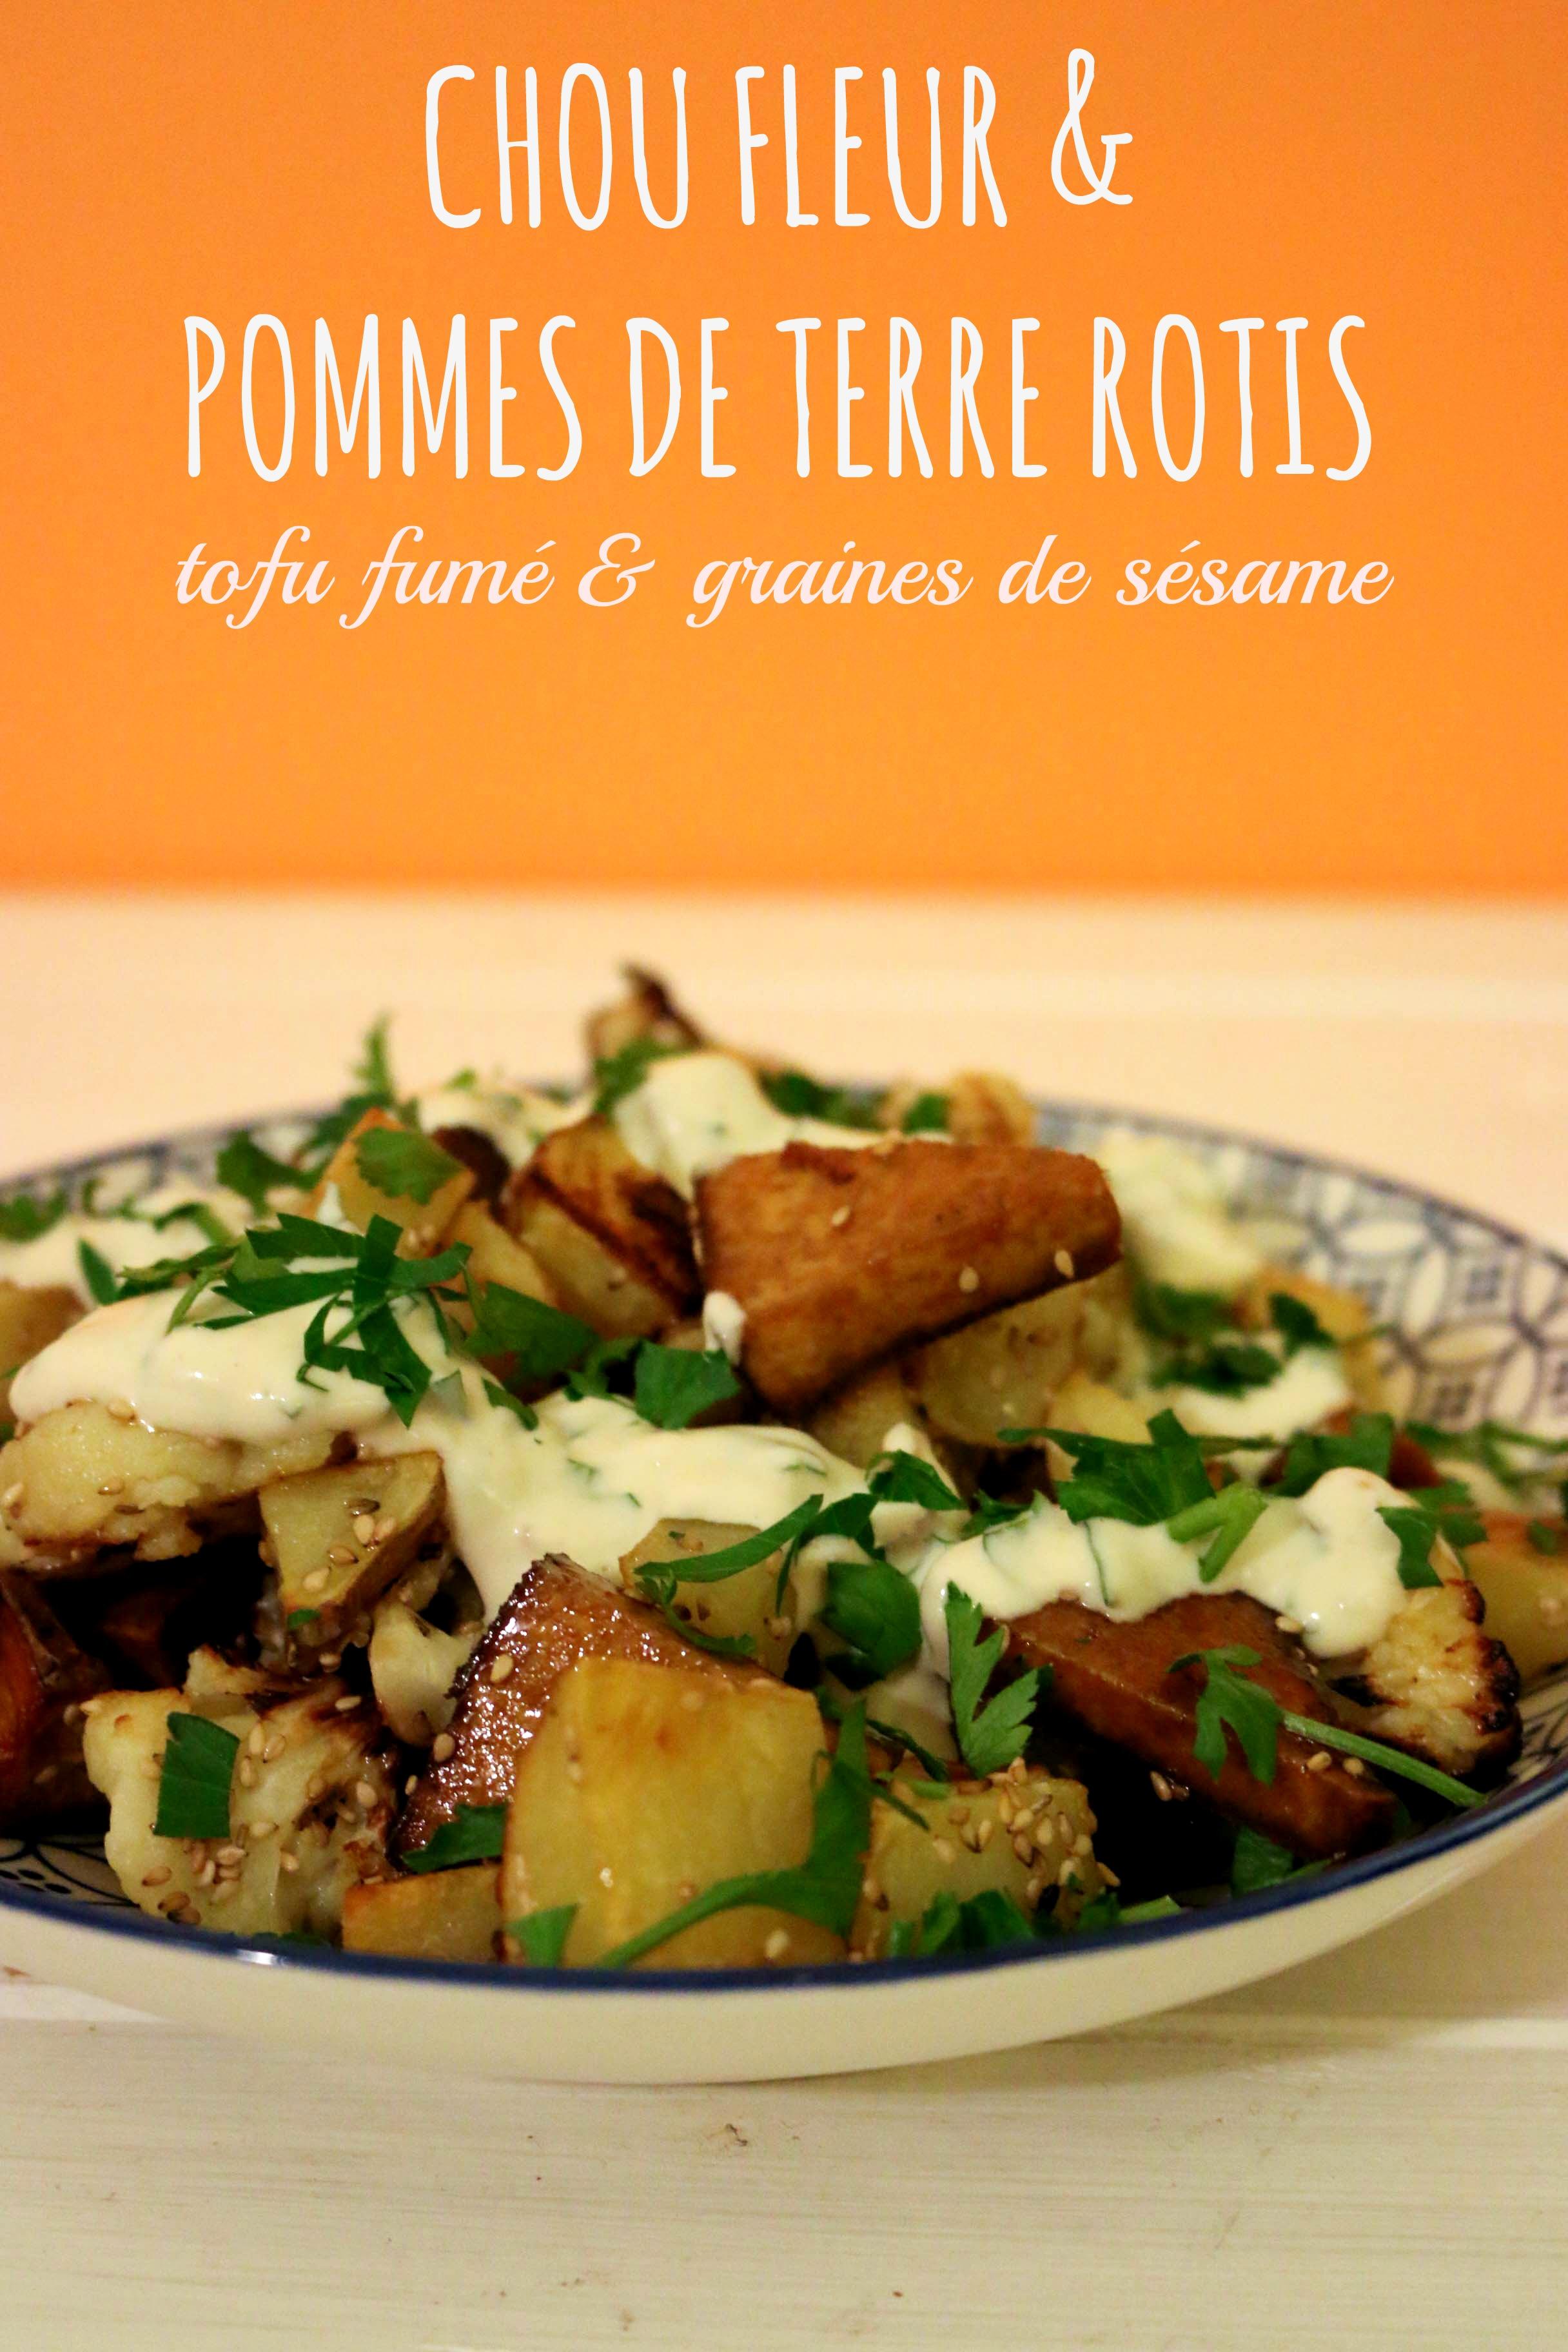 chou fleur et pommes de terres rotis, tofu fumé